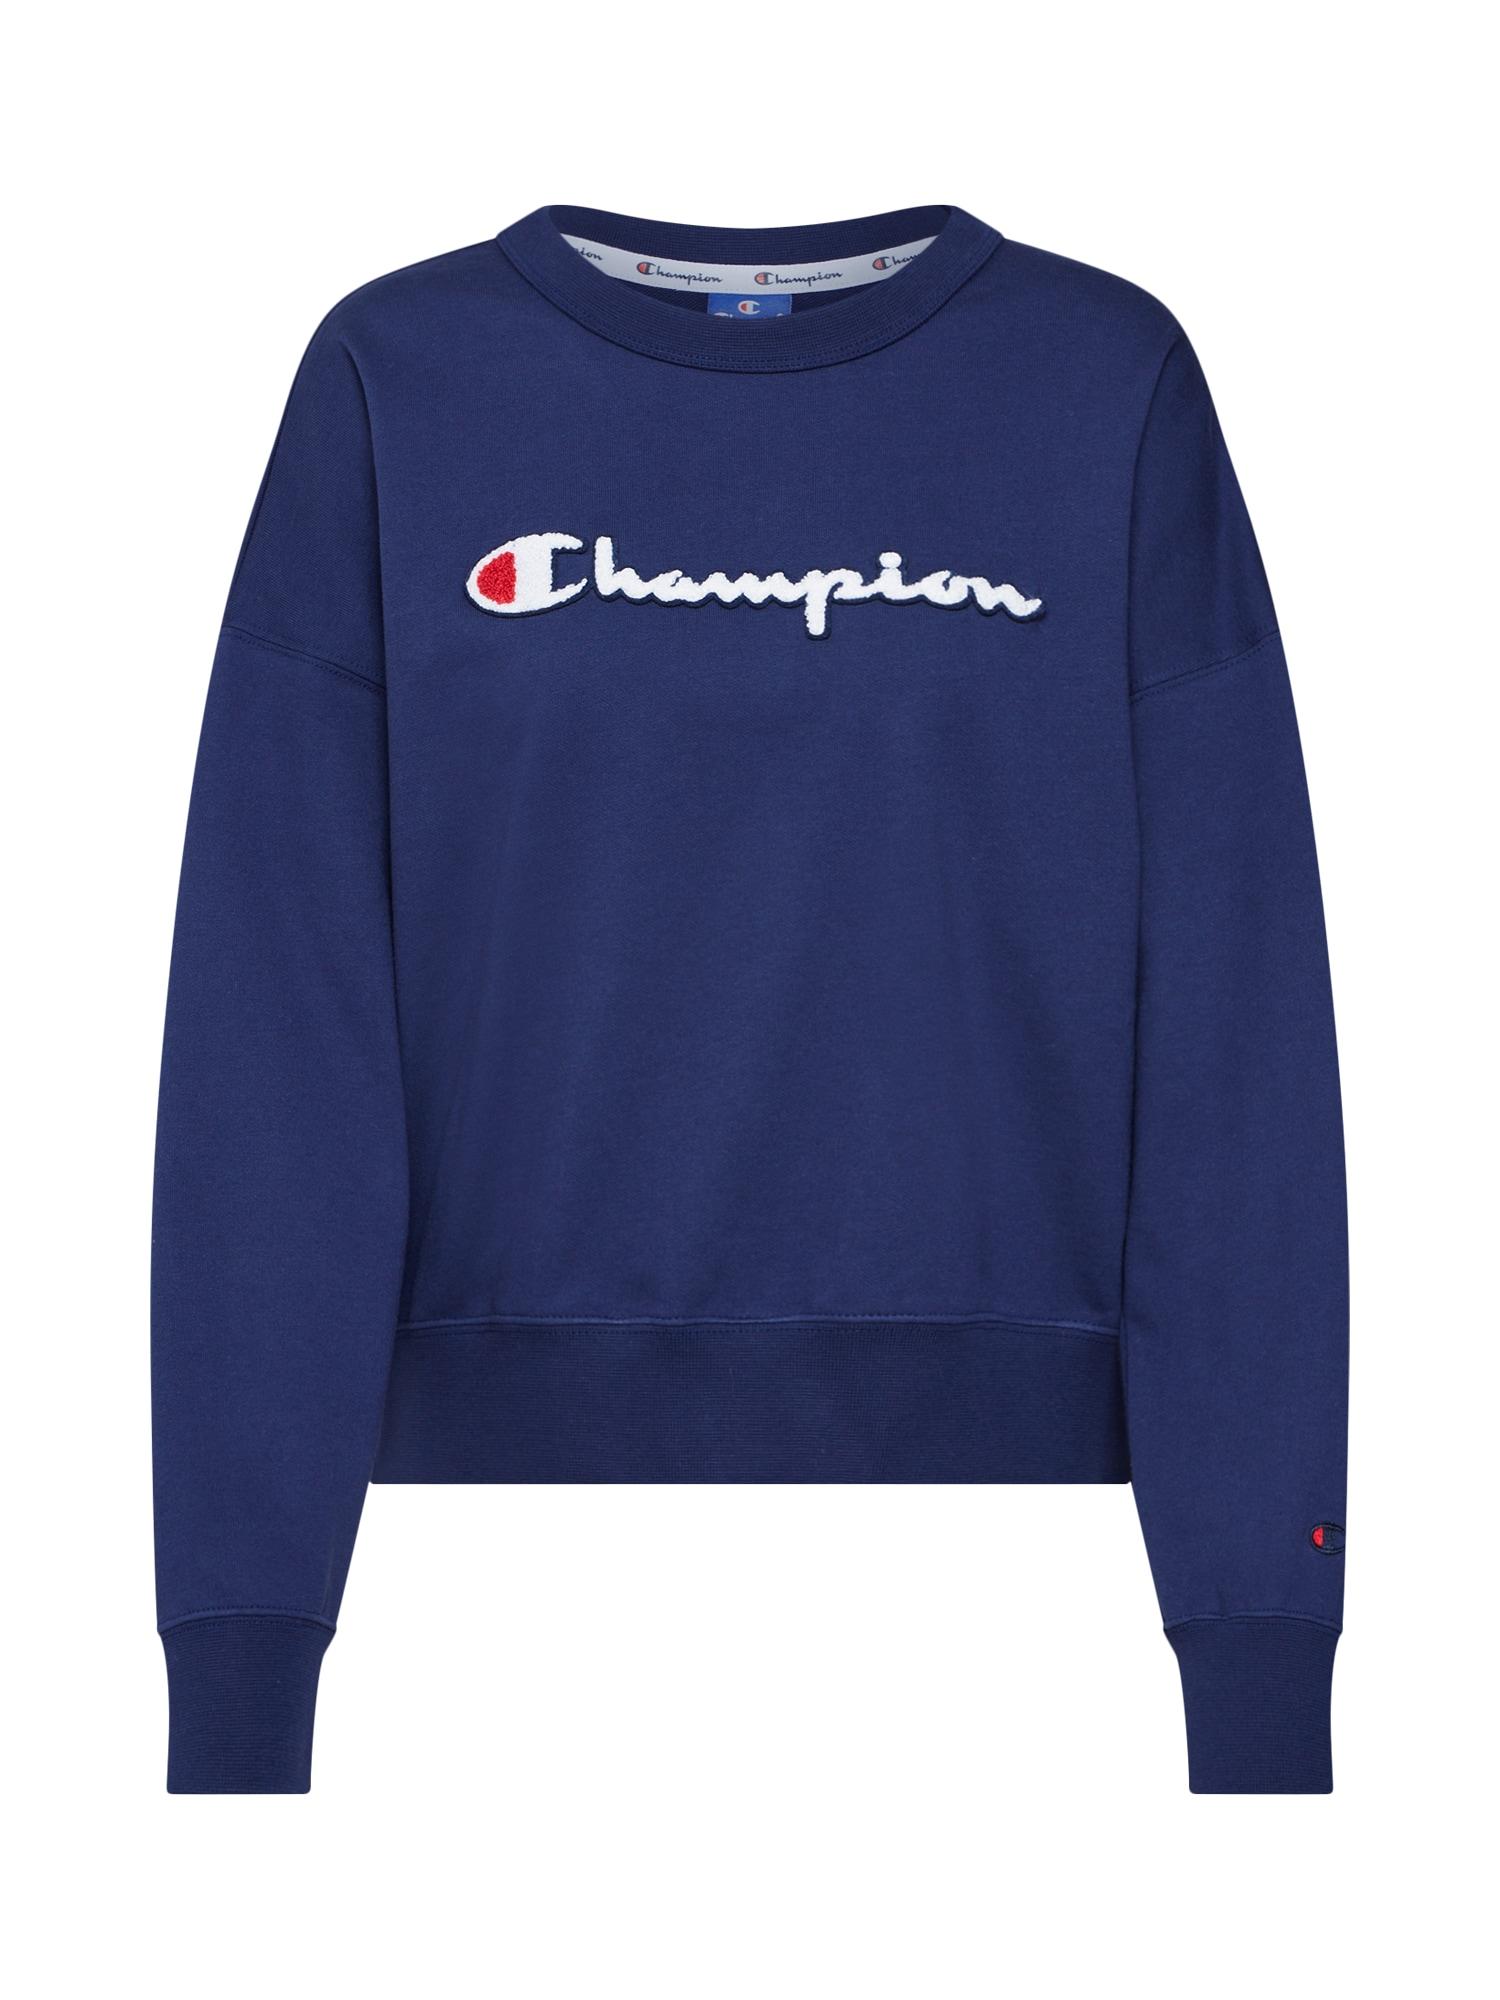 Mikina Rochester Crewneck Sweatshirt námořnická modř červená bílá Champion Authentic Athletic Apparel